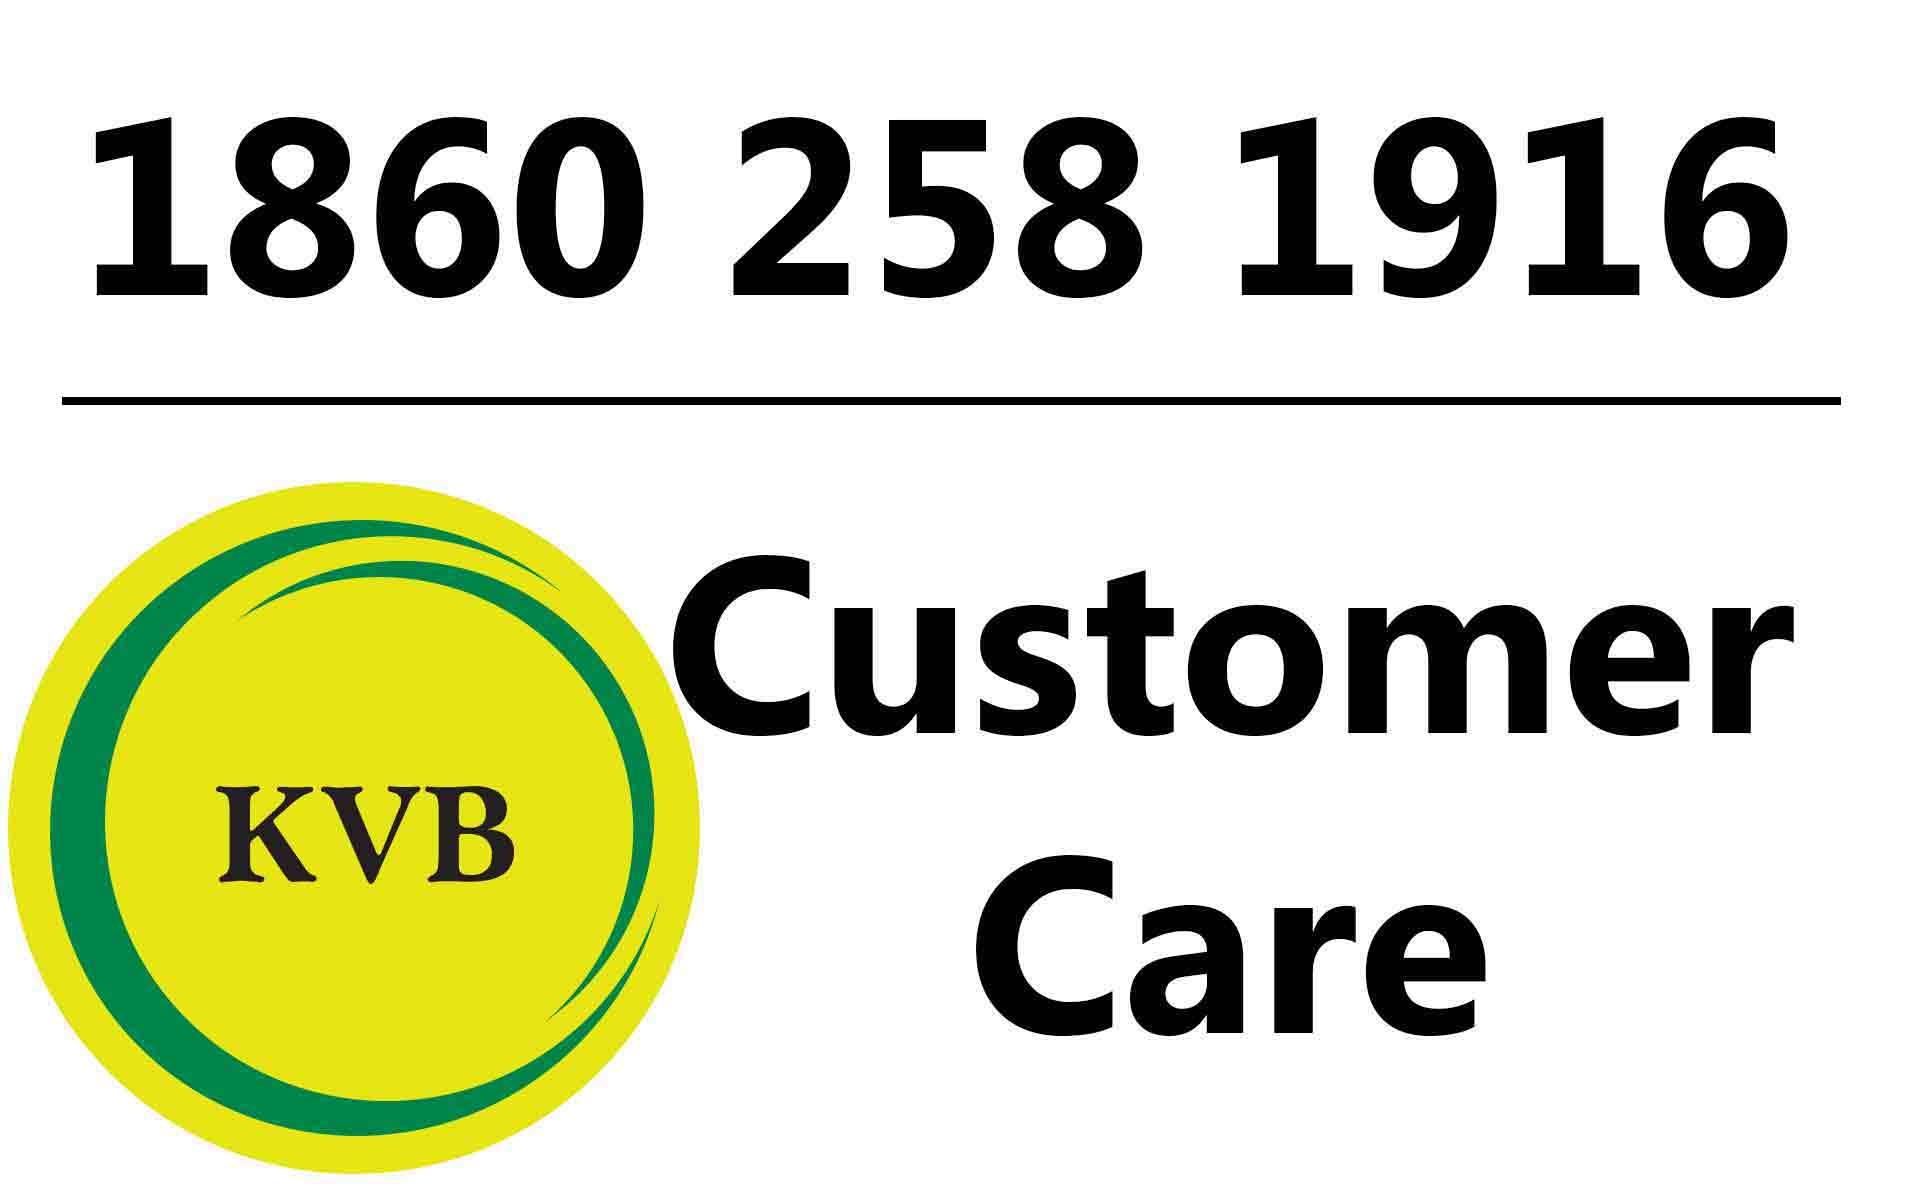 kvb-customer-care-number-1860-258-1916